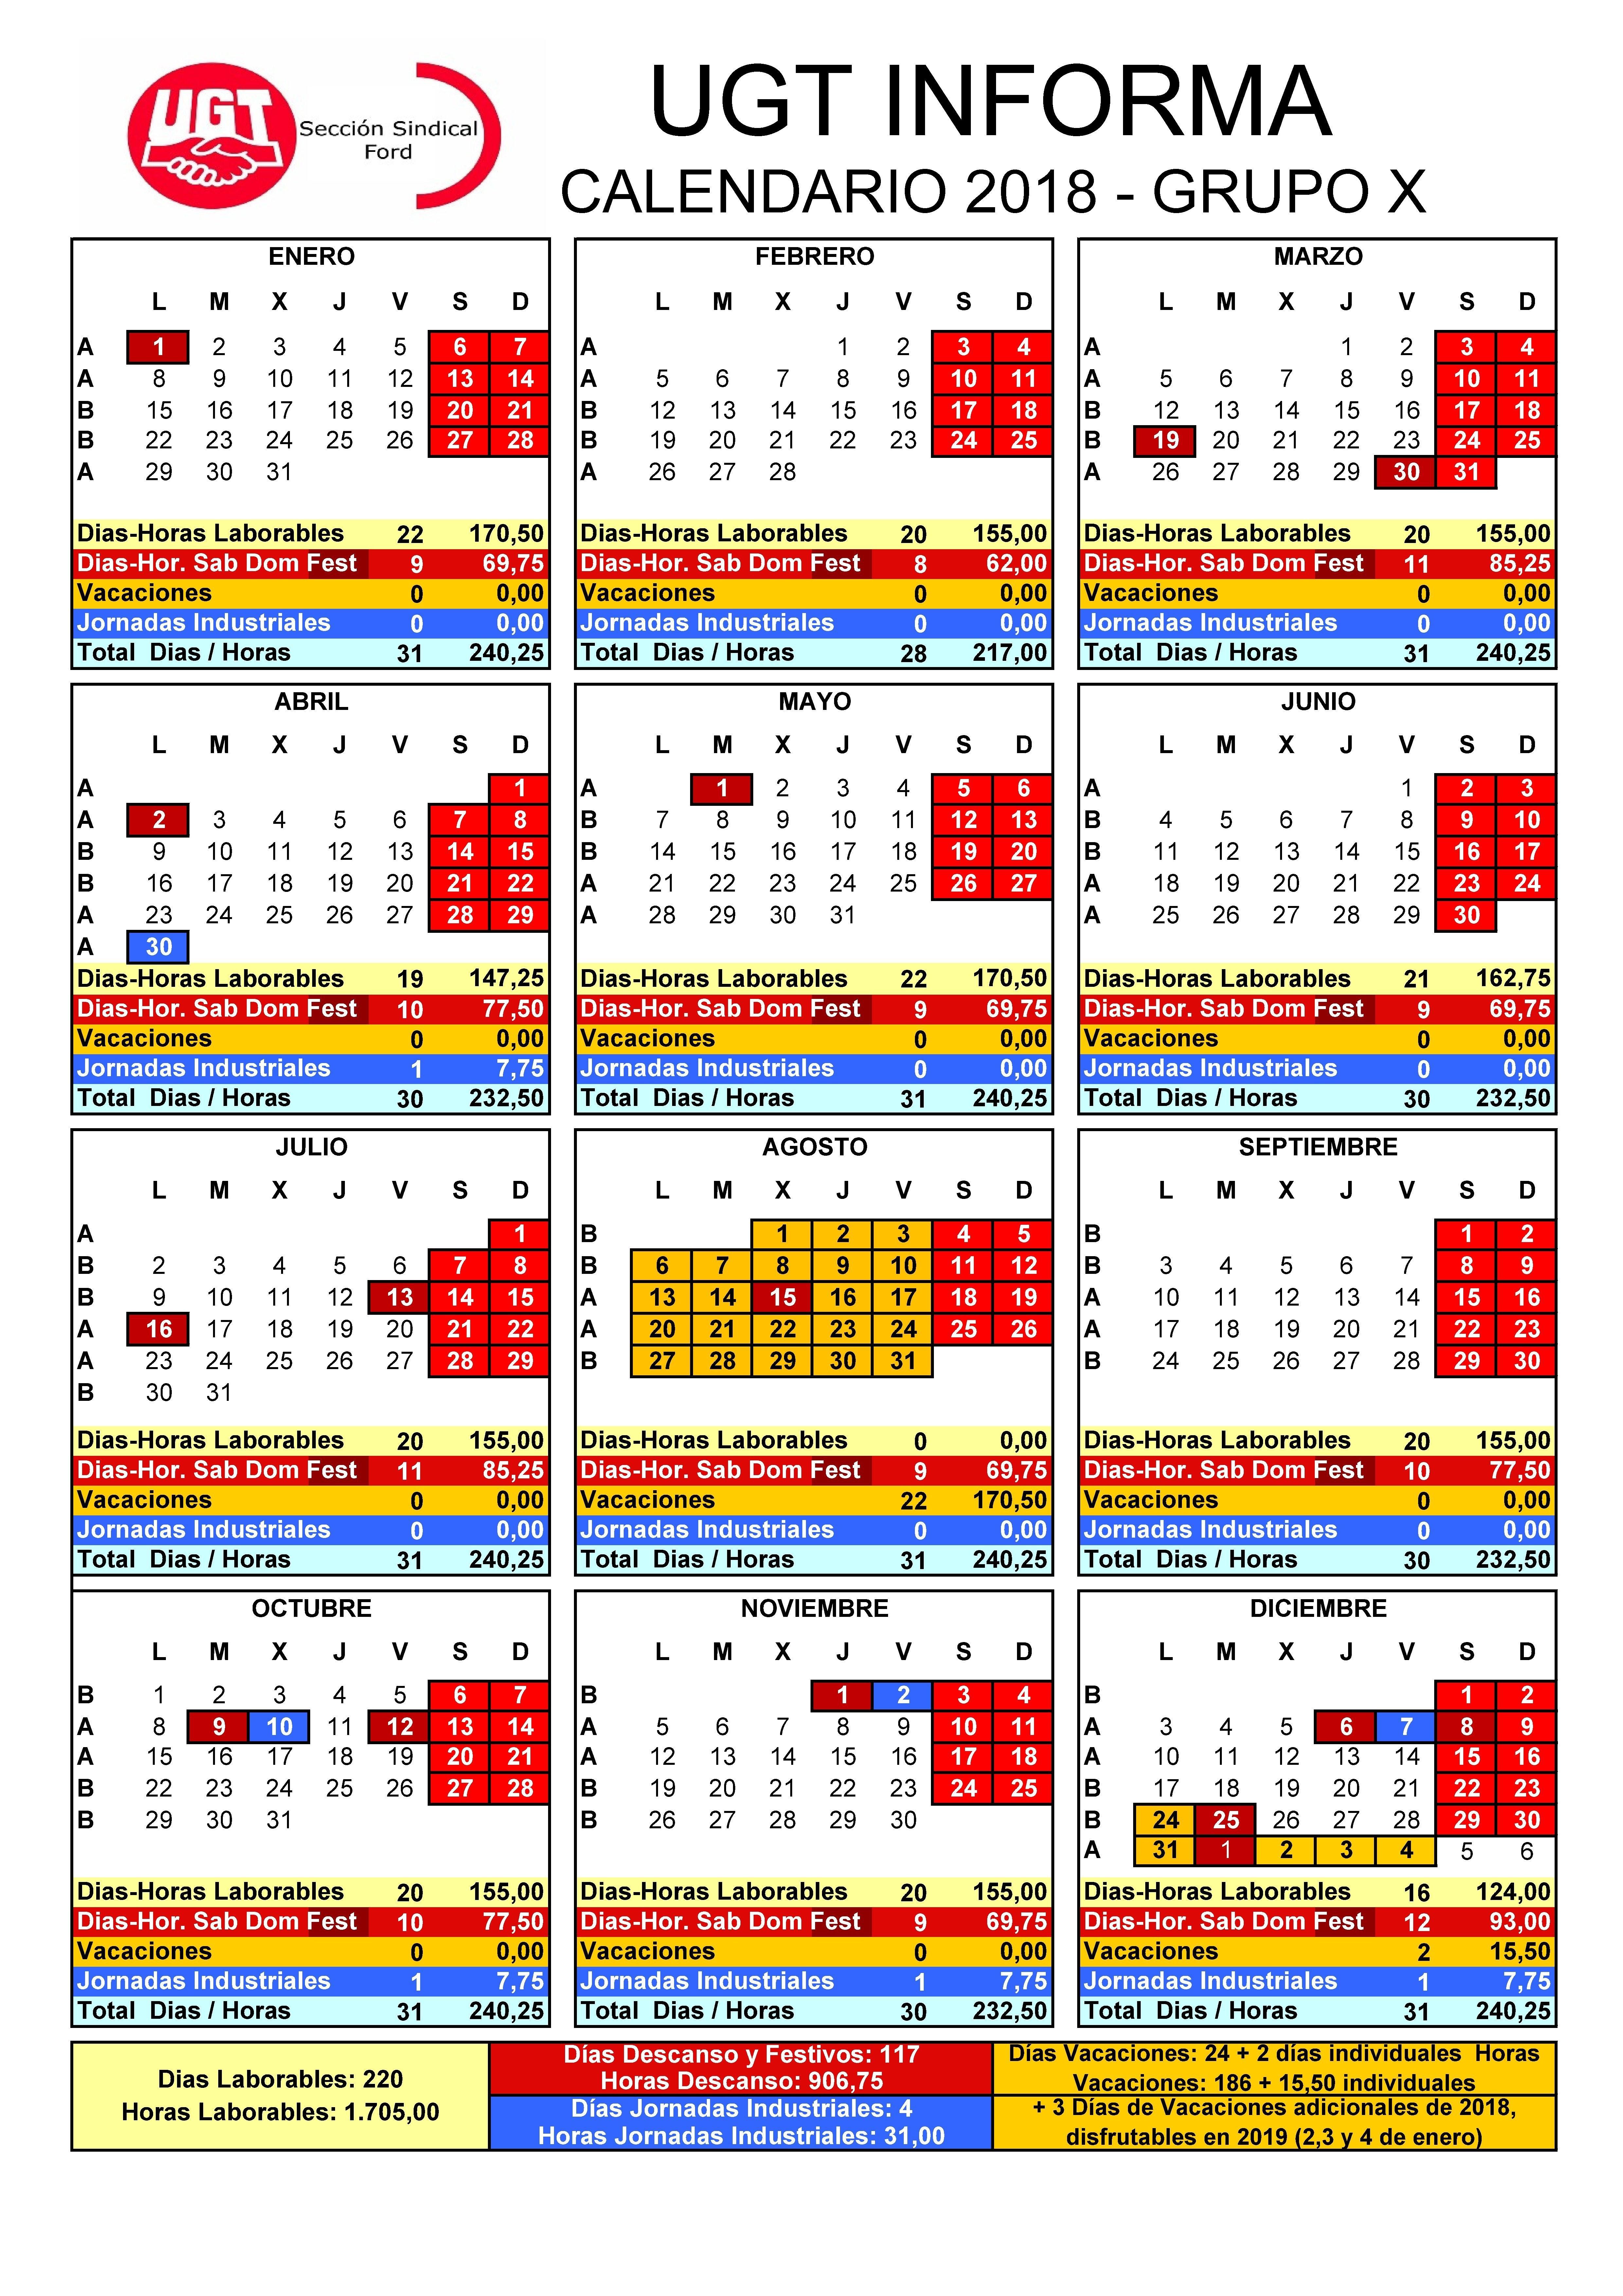 Formato De Calendario 2017 Para Imprimir Mejores Y Más Novedosos Ugt Fica Pas Valenci Calendario Laboral 2018 Of Formato De Calendario 2017 Para Imprimir Actual Calendario 2017 2018 Para Imprimir